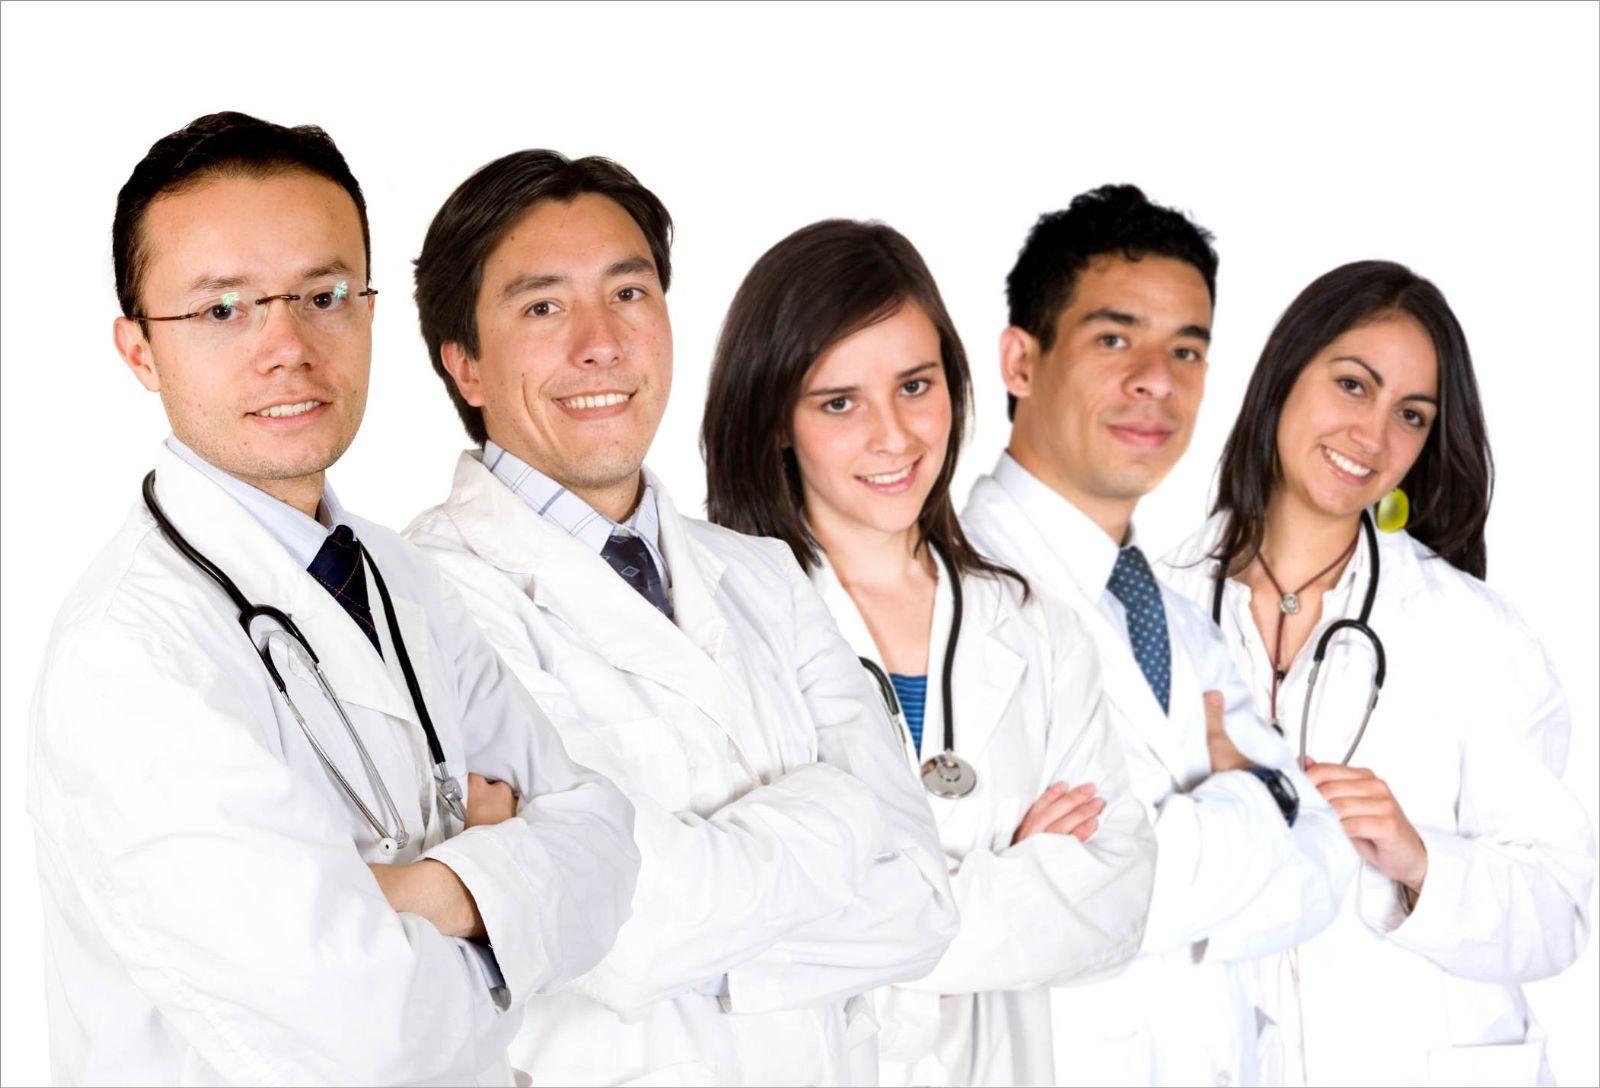 Больница восстановительного лечения ржд иркутск отзывы